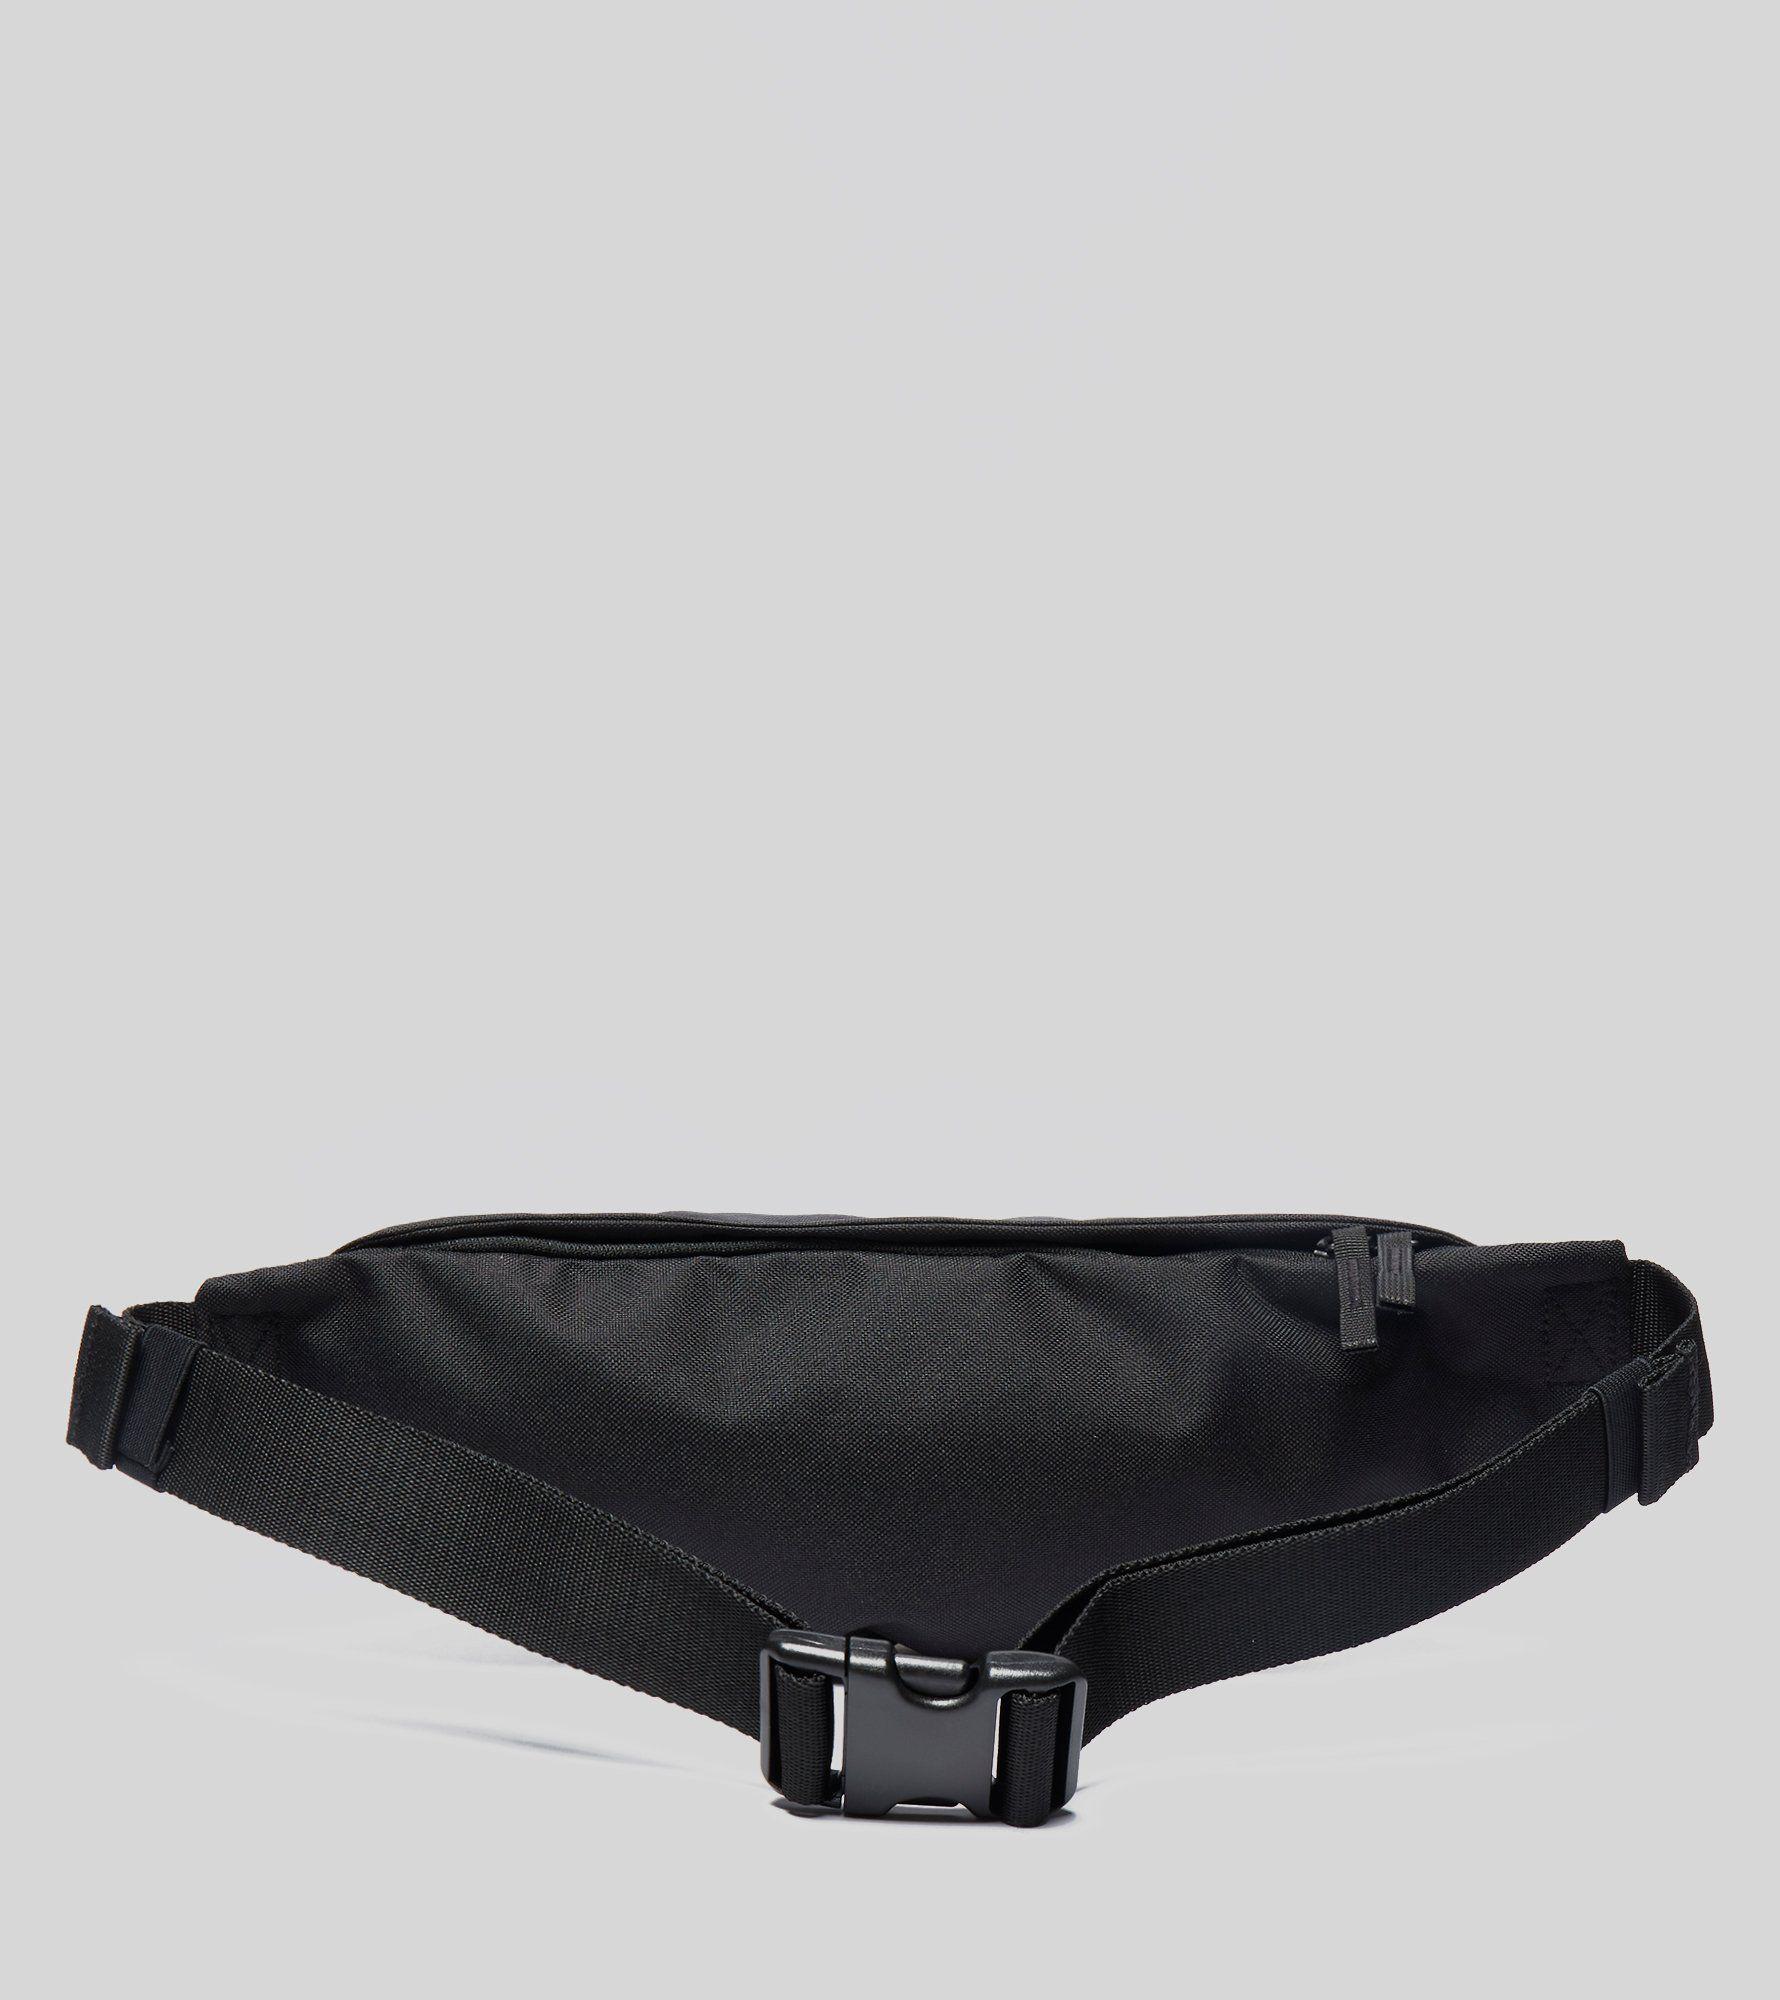 Nike Air Max Day Waist Bag